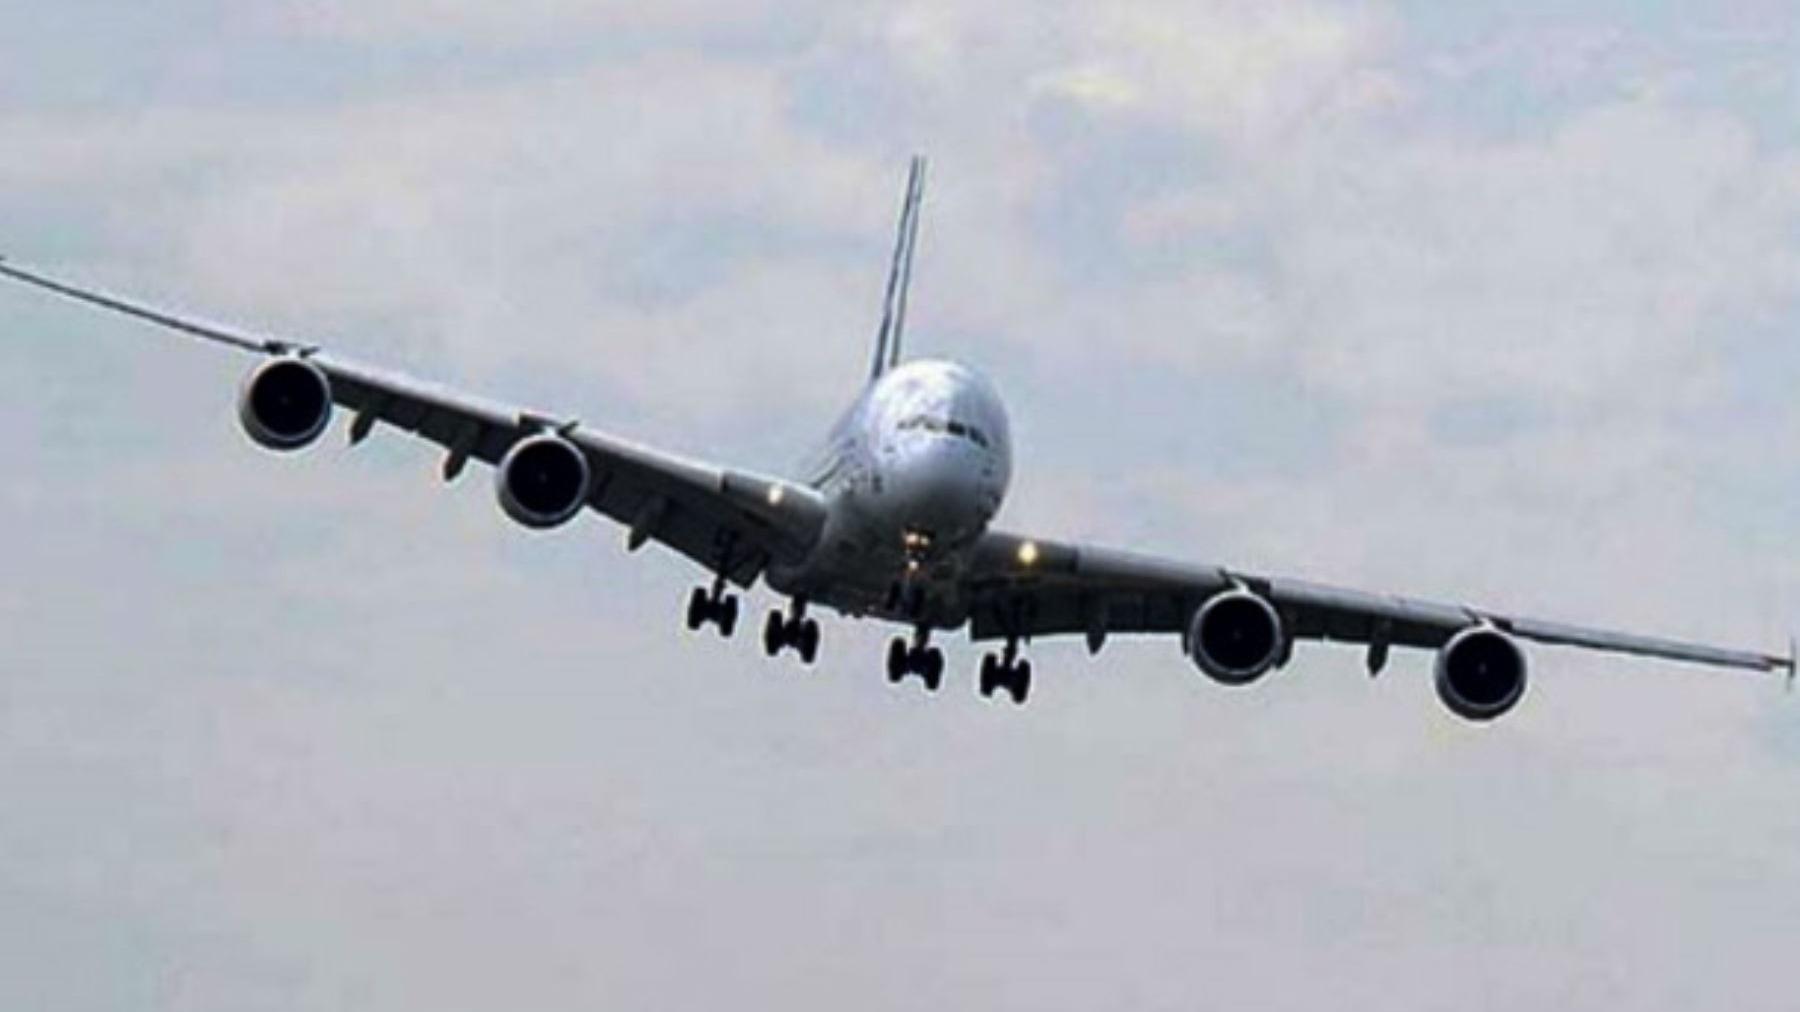 Las autoridades temen que en los buses y aviones, con el traslado de personas, se prolifere el contagio de la COVID-19.